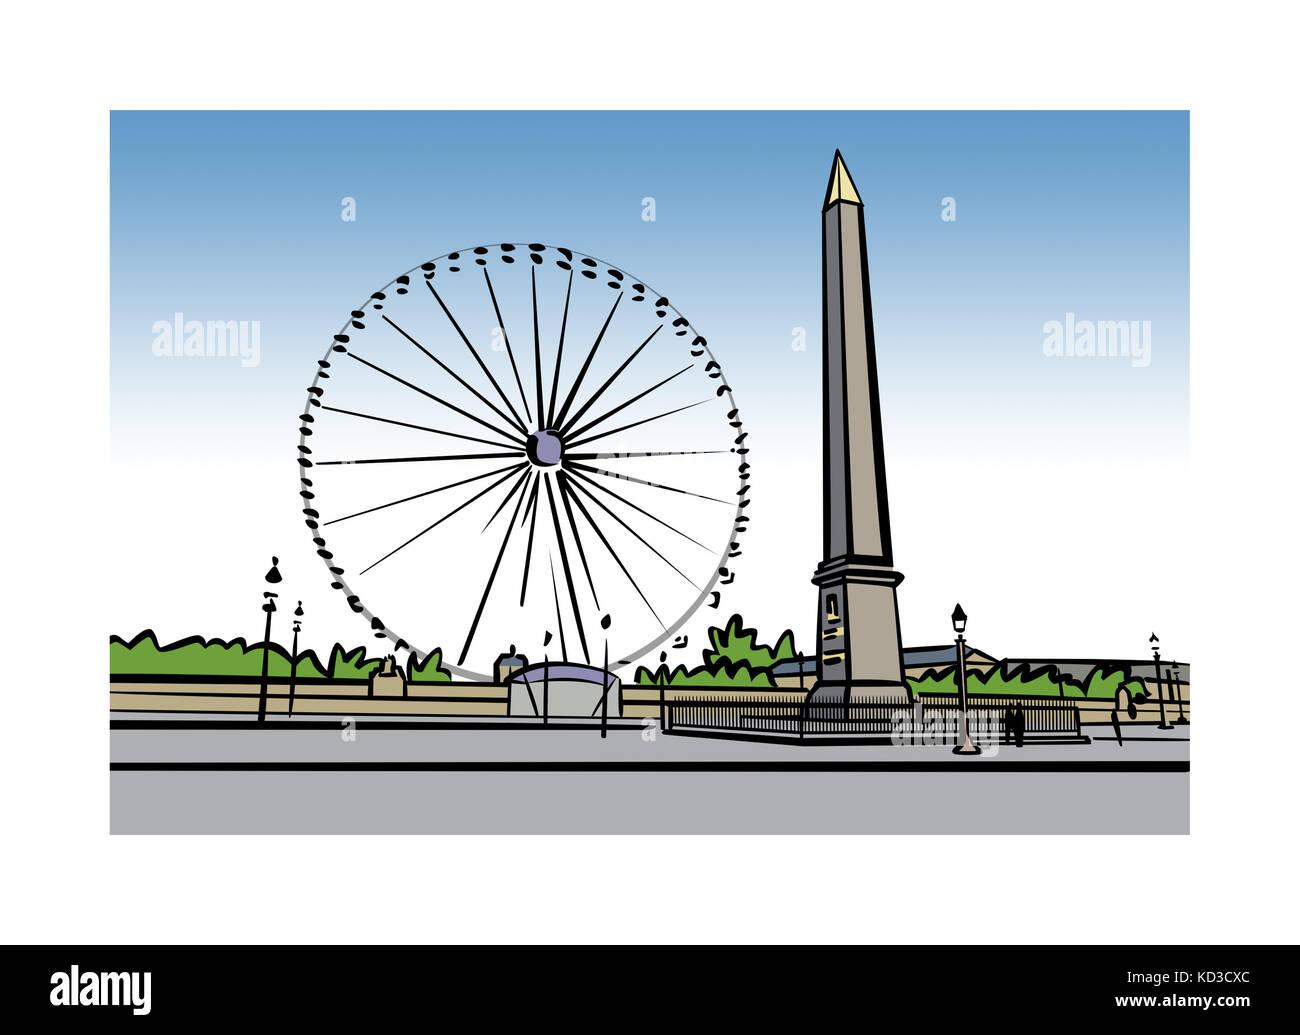 Illustration of Place de la Concorde in Paris, France - Stock Image